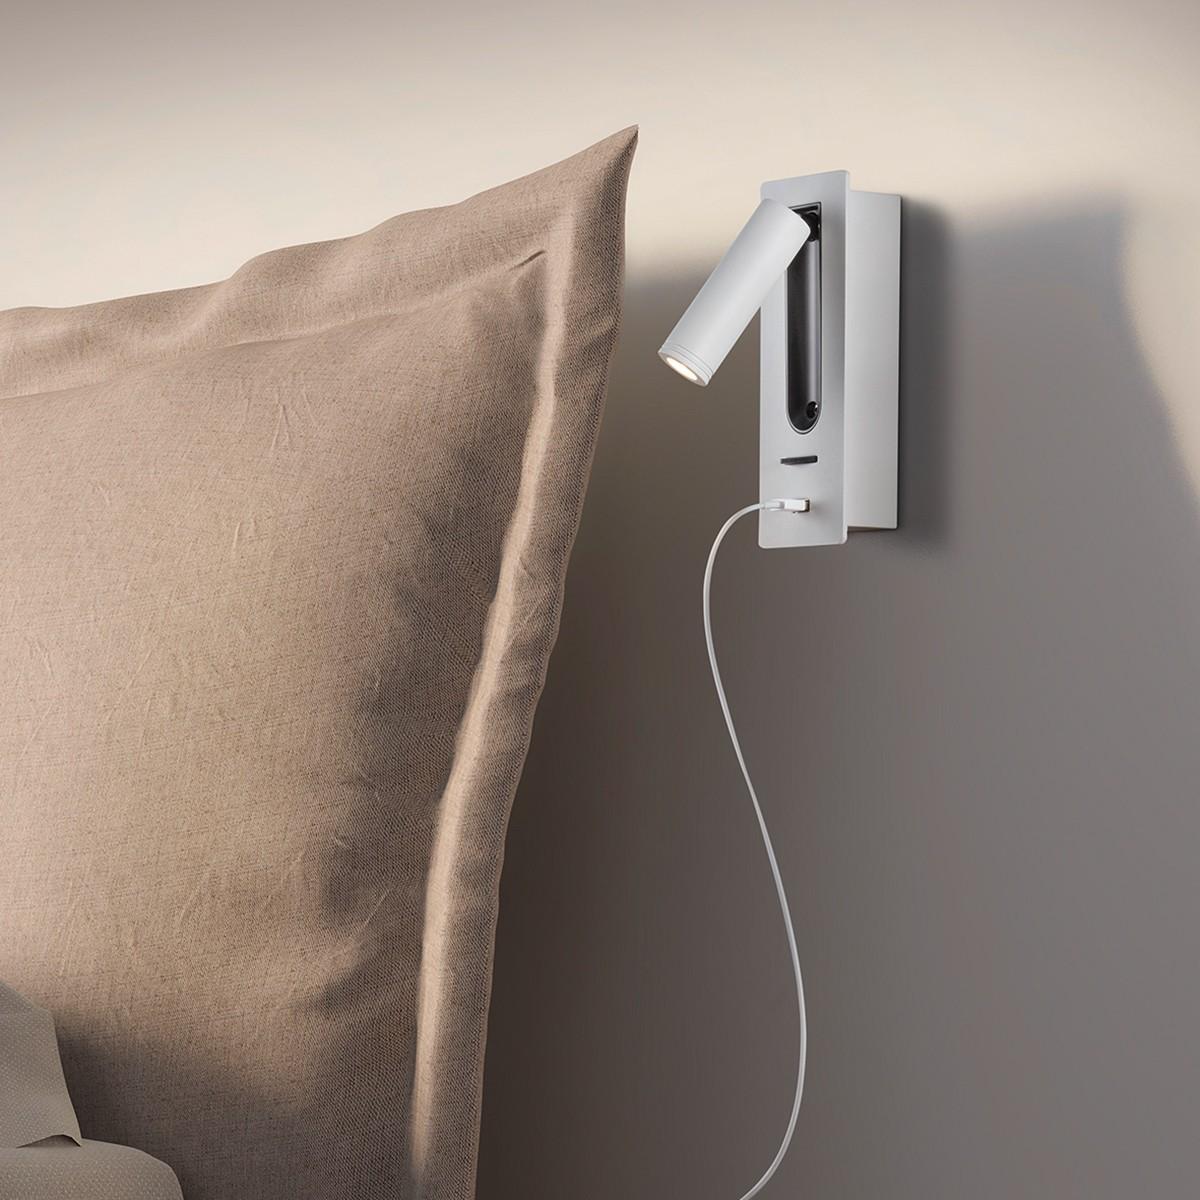 Helestra Orso Wandleuchte mit USB-Ladeport, weiß matt